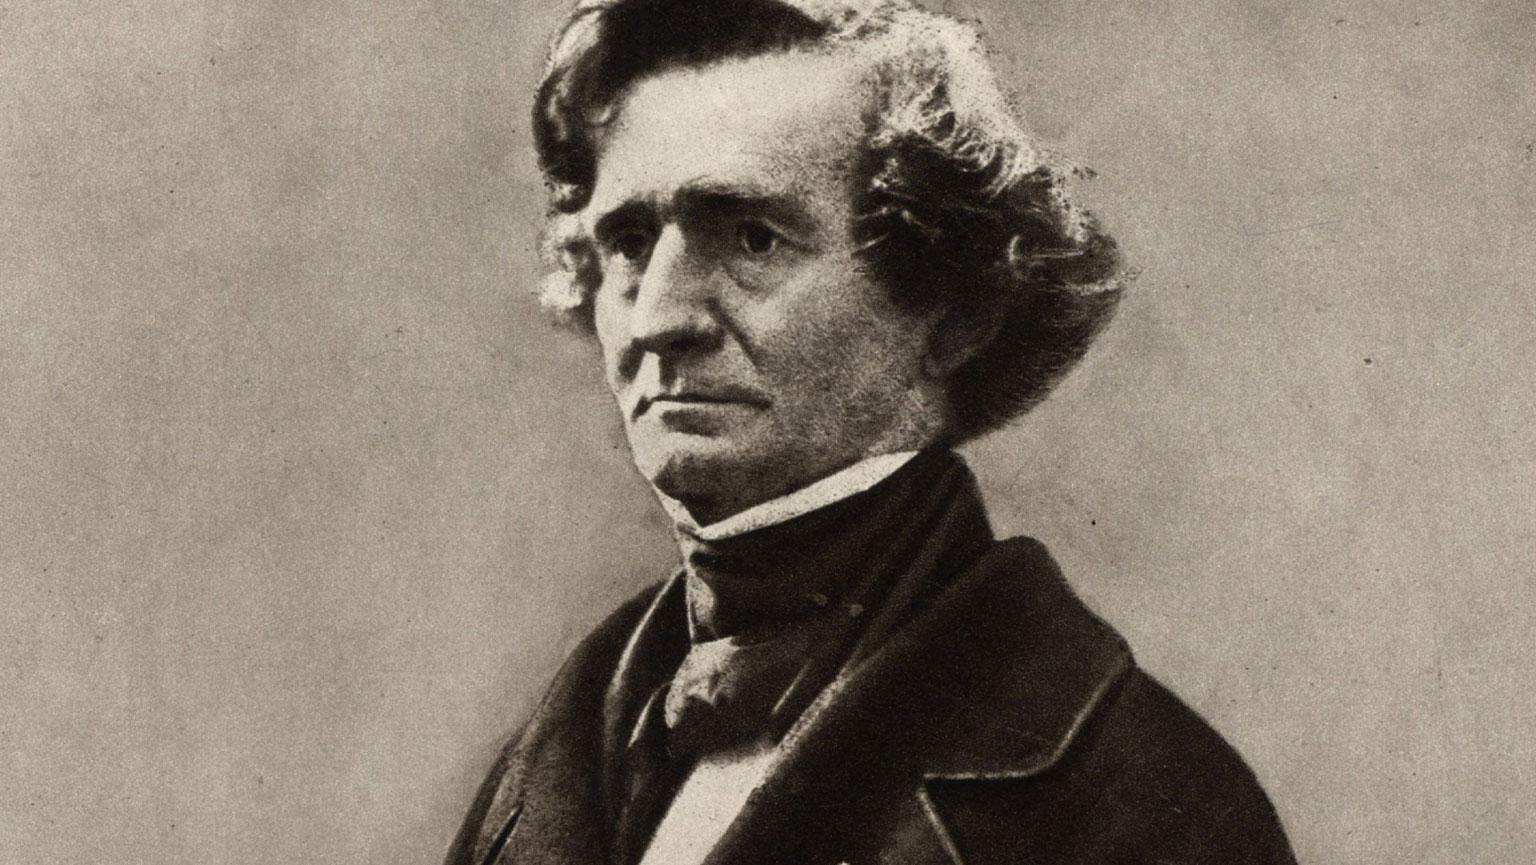 The Program Symphony—Berlioz's Symphonie fantastique, Part 1